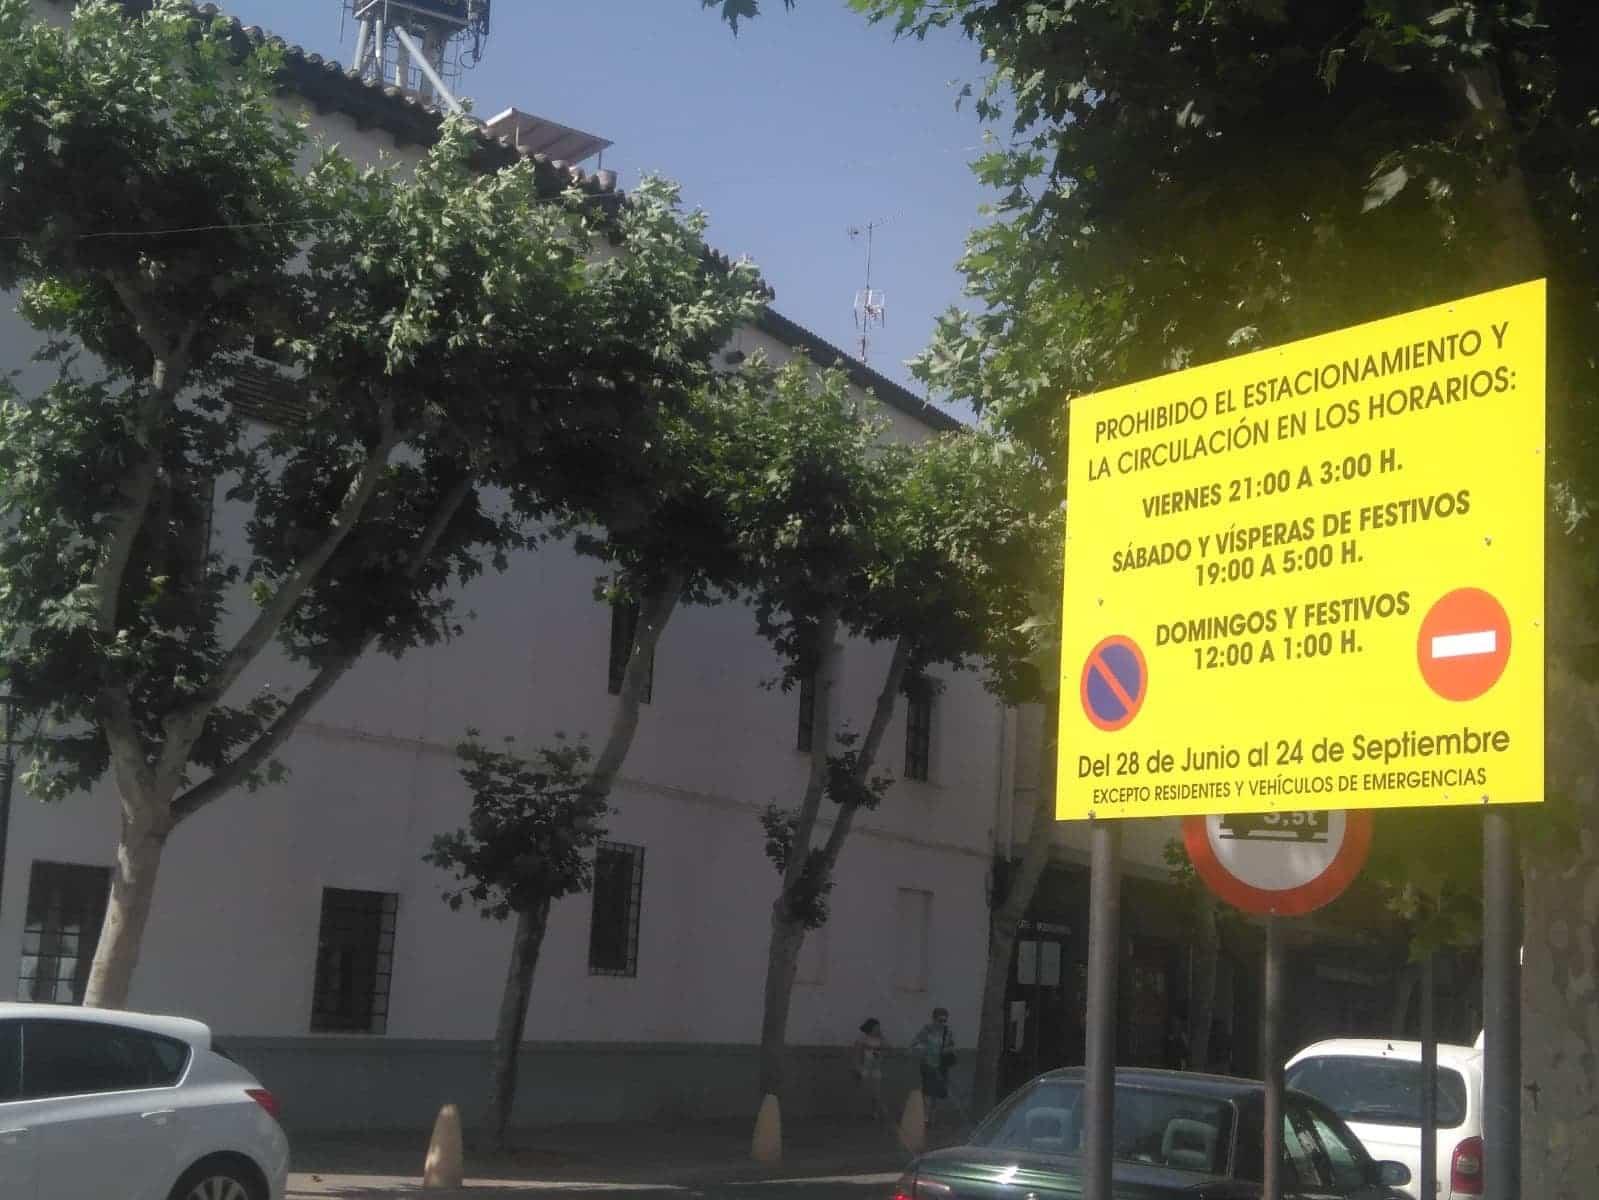 Comienzan los cortes de tráfico en el centro de Herencia, fines de semana y festivos 3